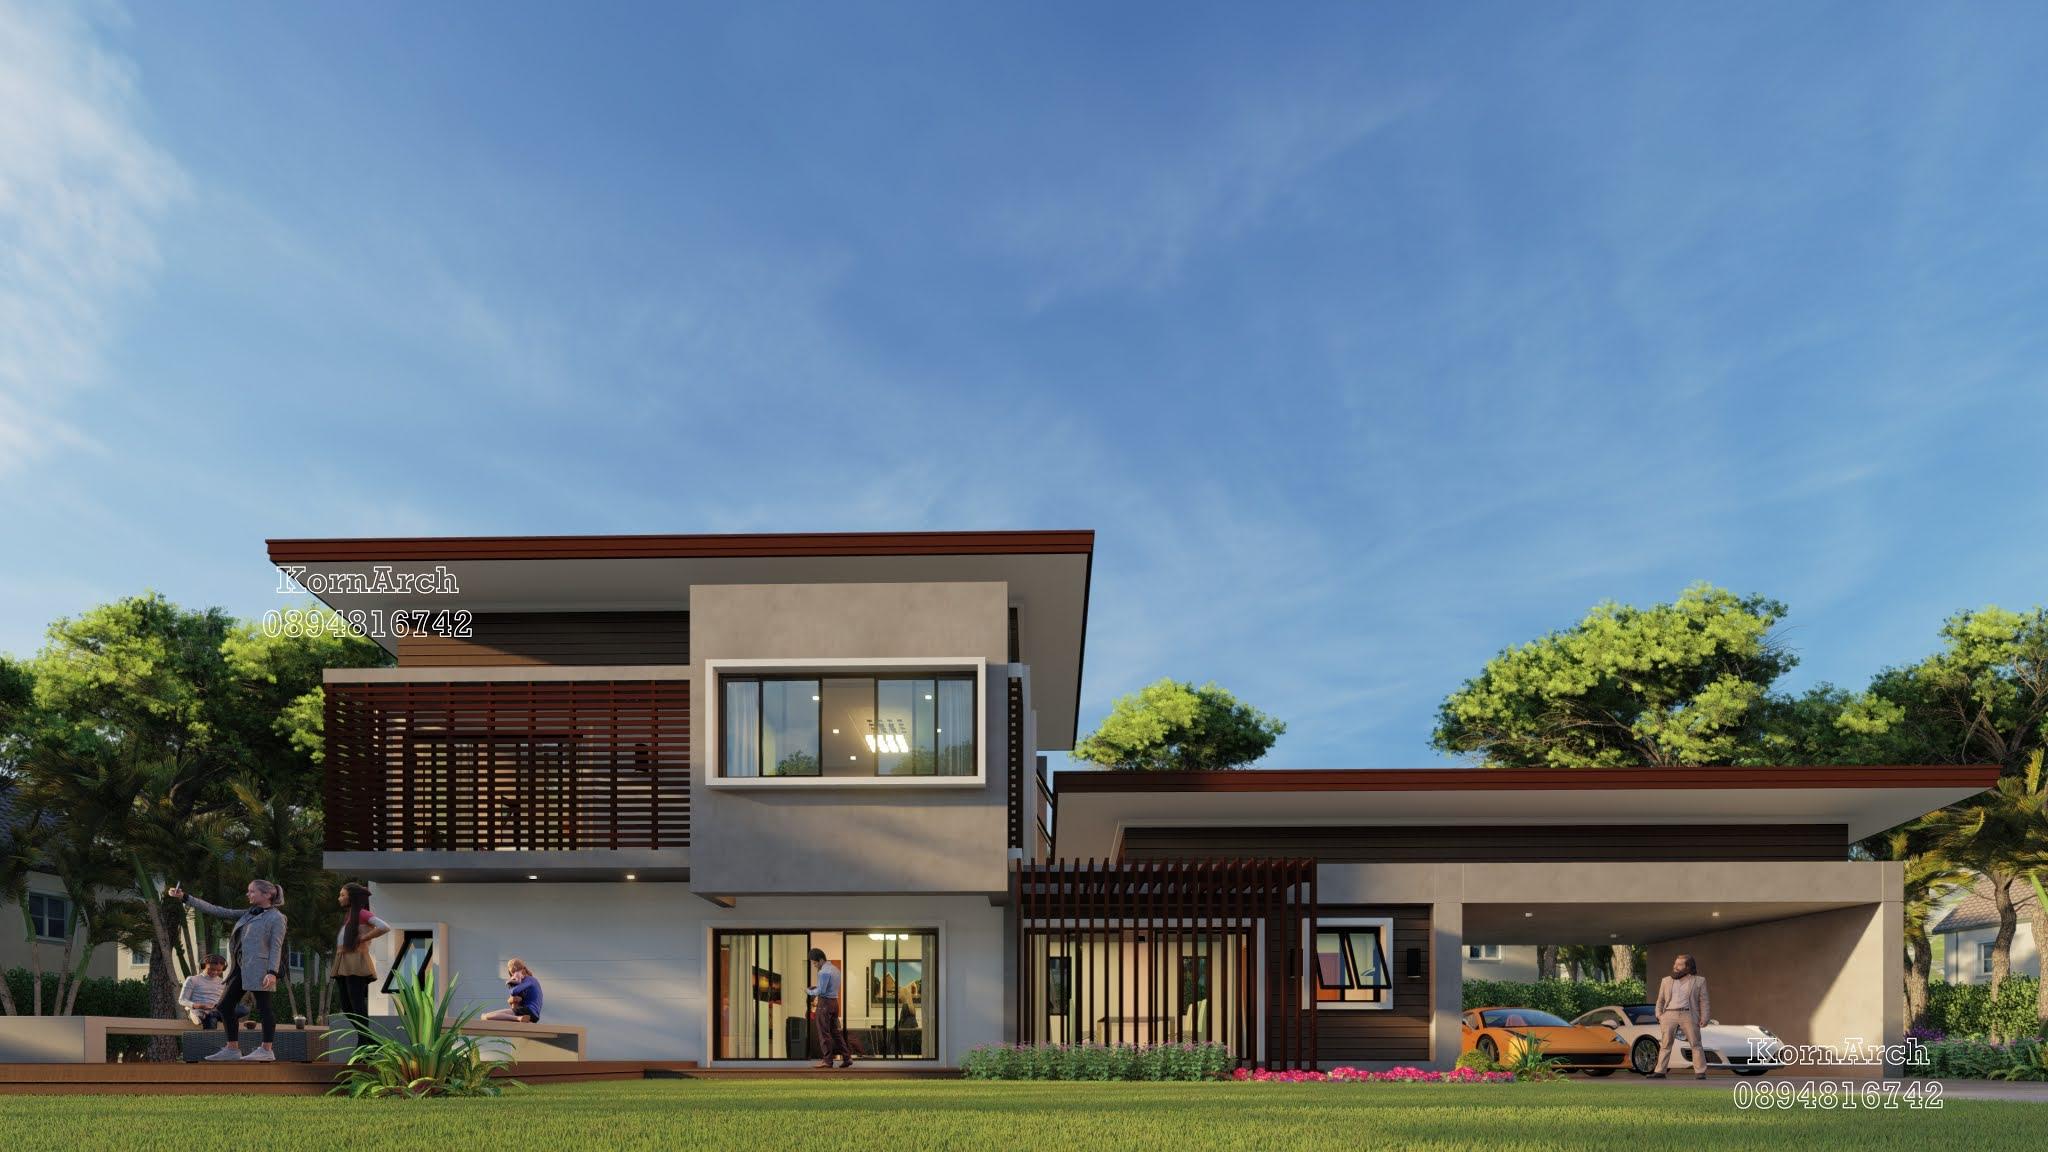 รับออกแบบบ้าน2ชั้น  เจ้าของอาคาร คุณบุญช่วย วิถาระพันธ์ สถานที่ก่อสร้าง ต.มหาไชย อ.สมเด็จ จ.กาฬสินธุ์